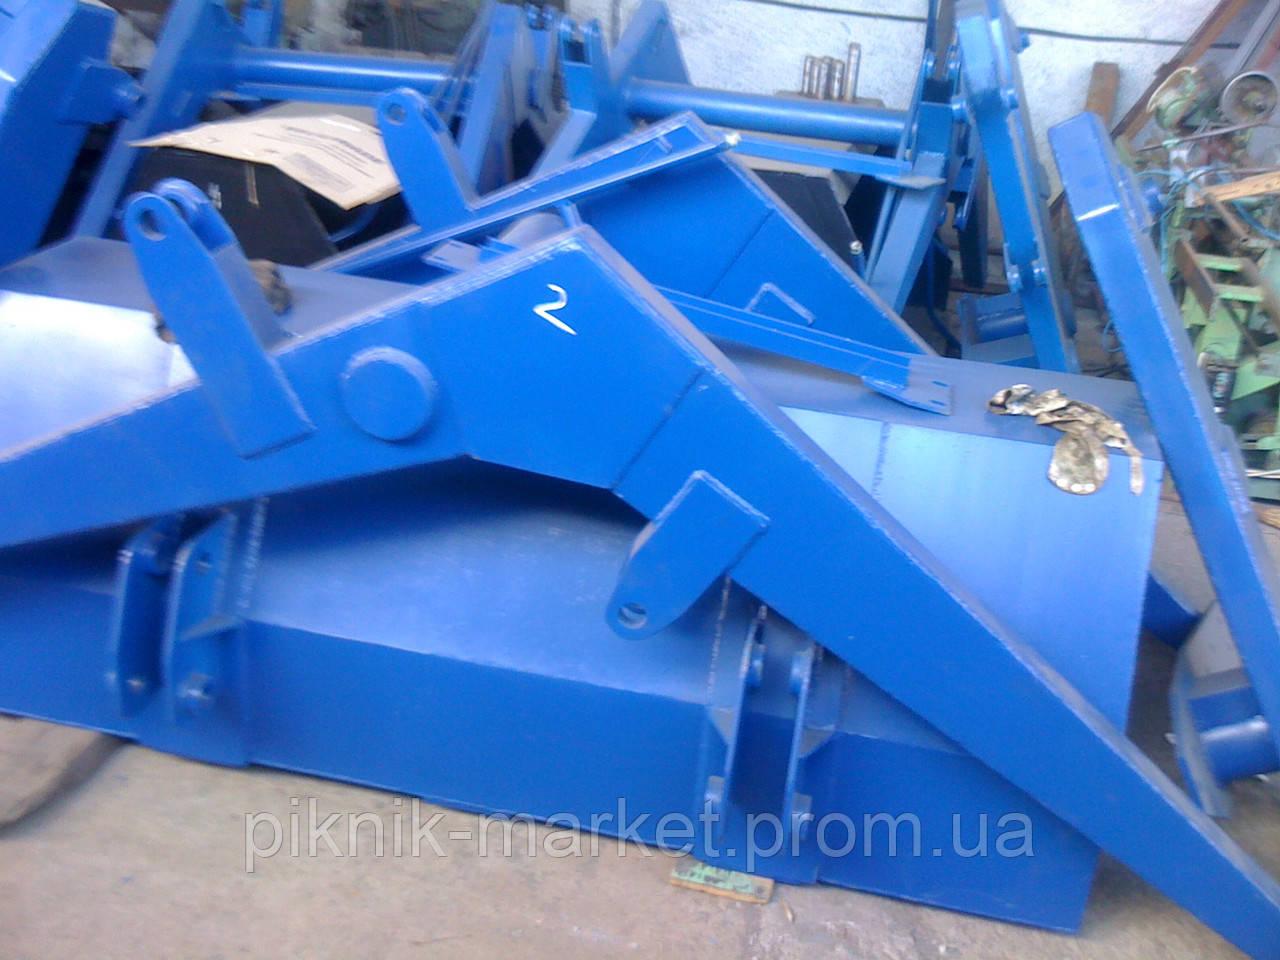 МТЗ 82.1 Беларус в Запорожской обл.: продажа MT-3 82.1.